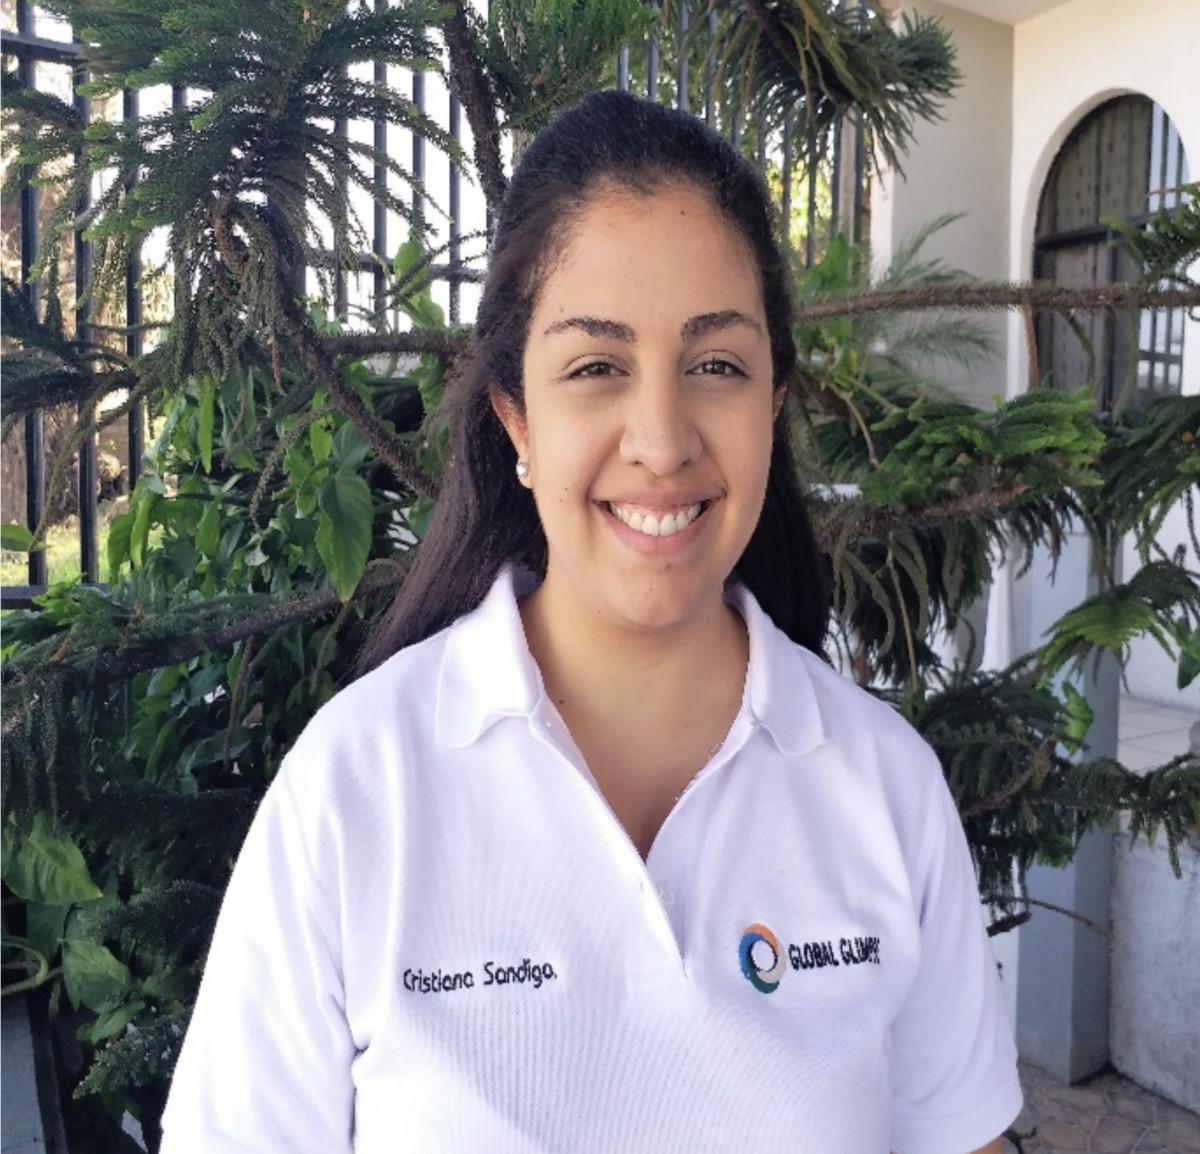 Global Glimpse Team - Cristiana Sandigo